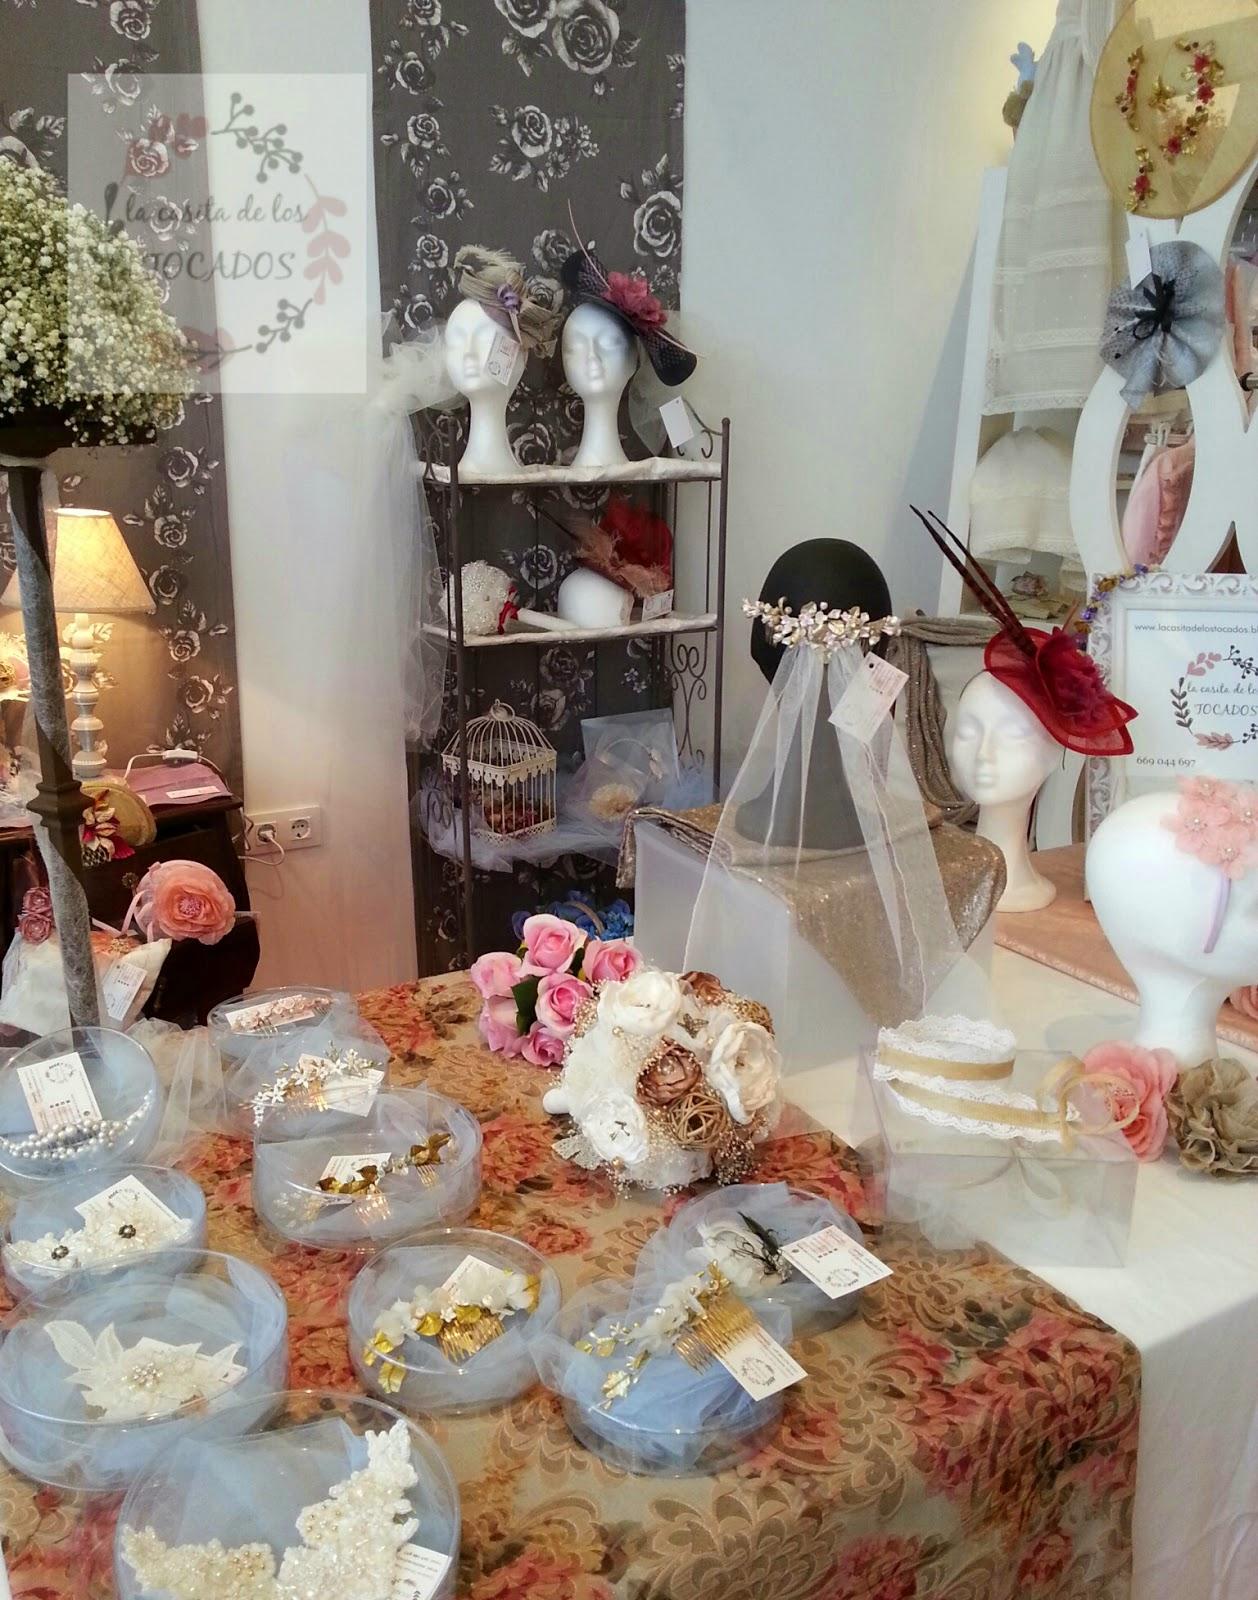 stand con tocados, peinetas de porcelana, guipur, diademas, pamelas y otros complementos de boda